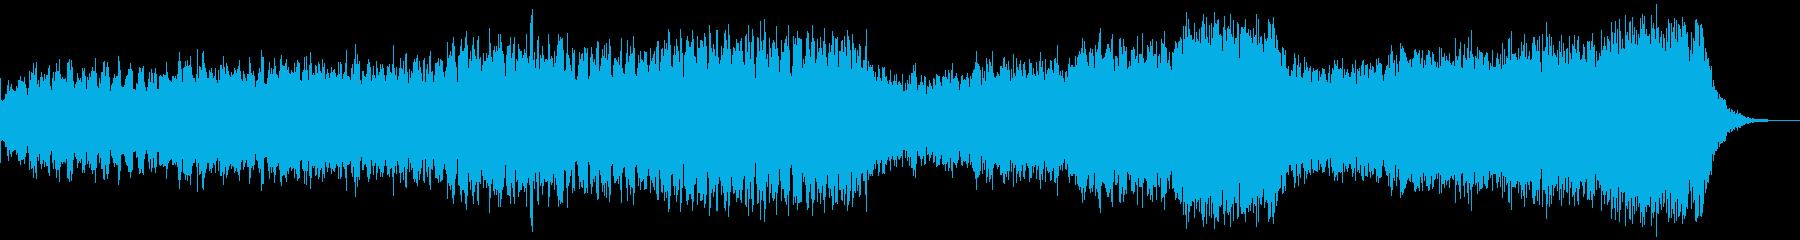 企業紹介映像、近未系エレクトロ、dr無しの再生済みの波形